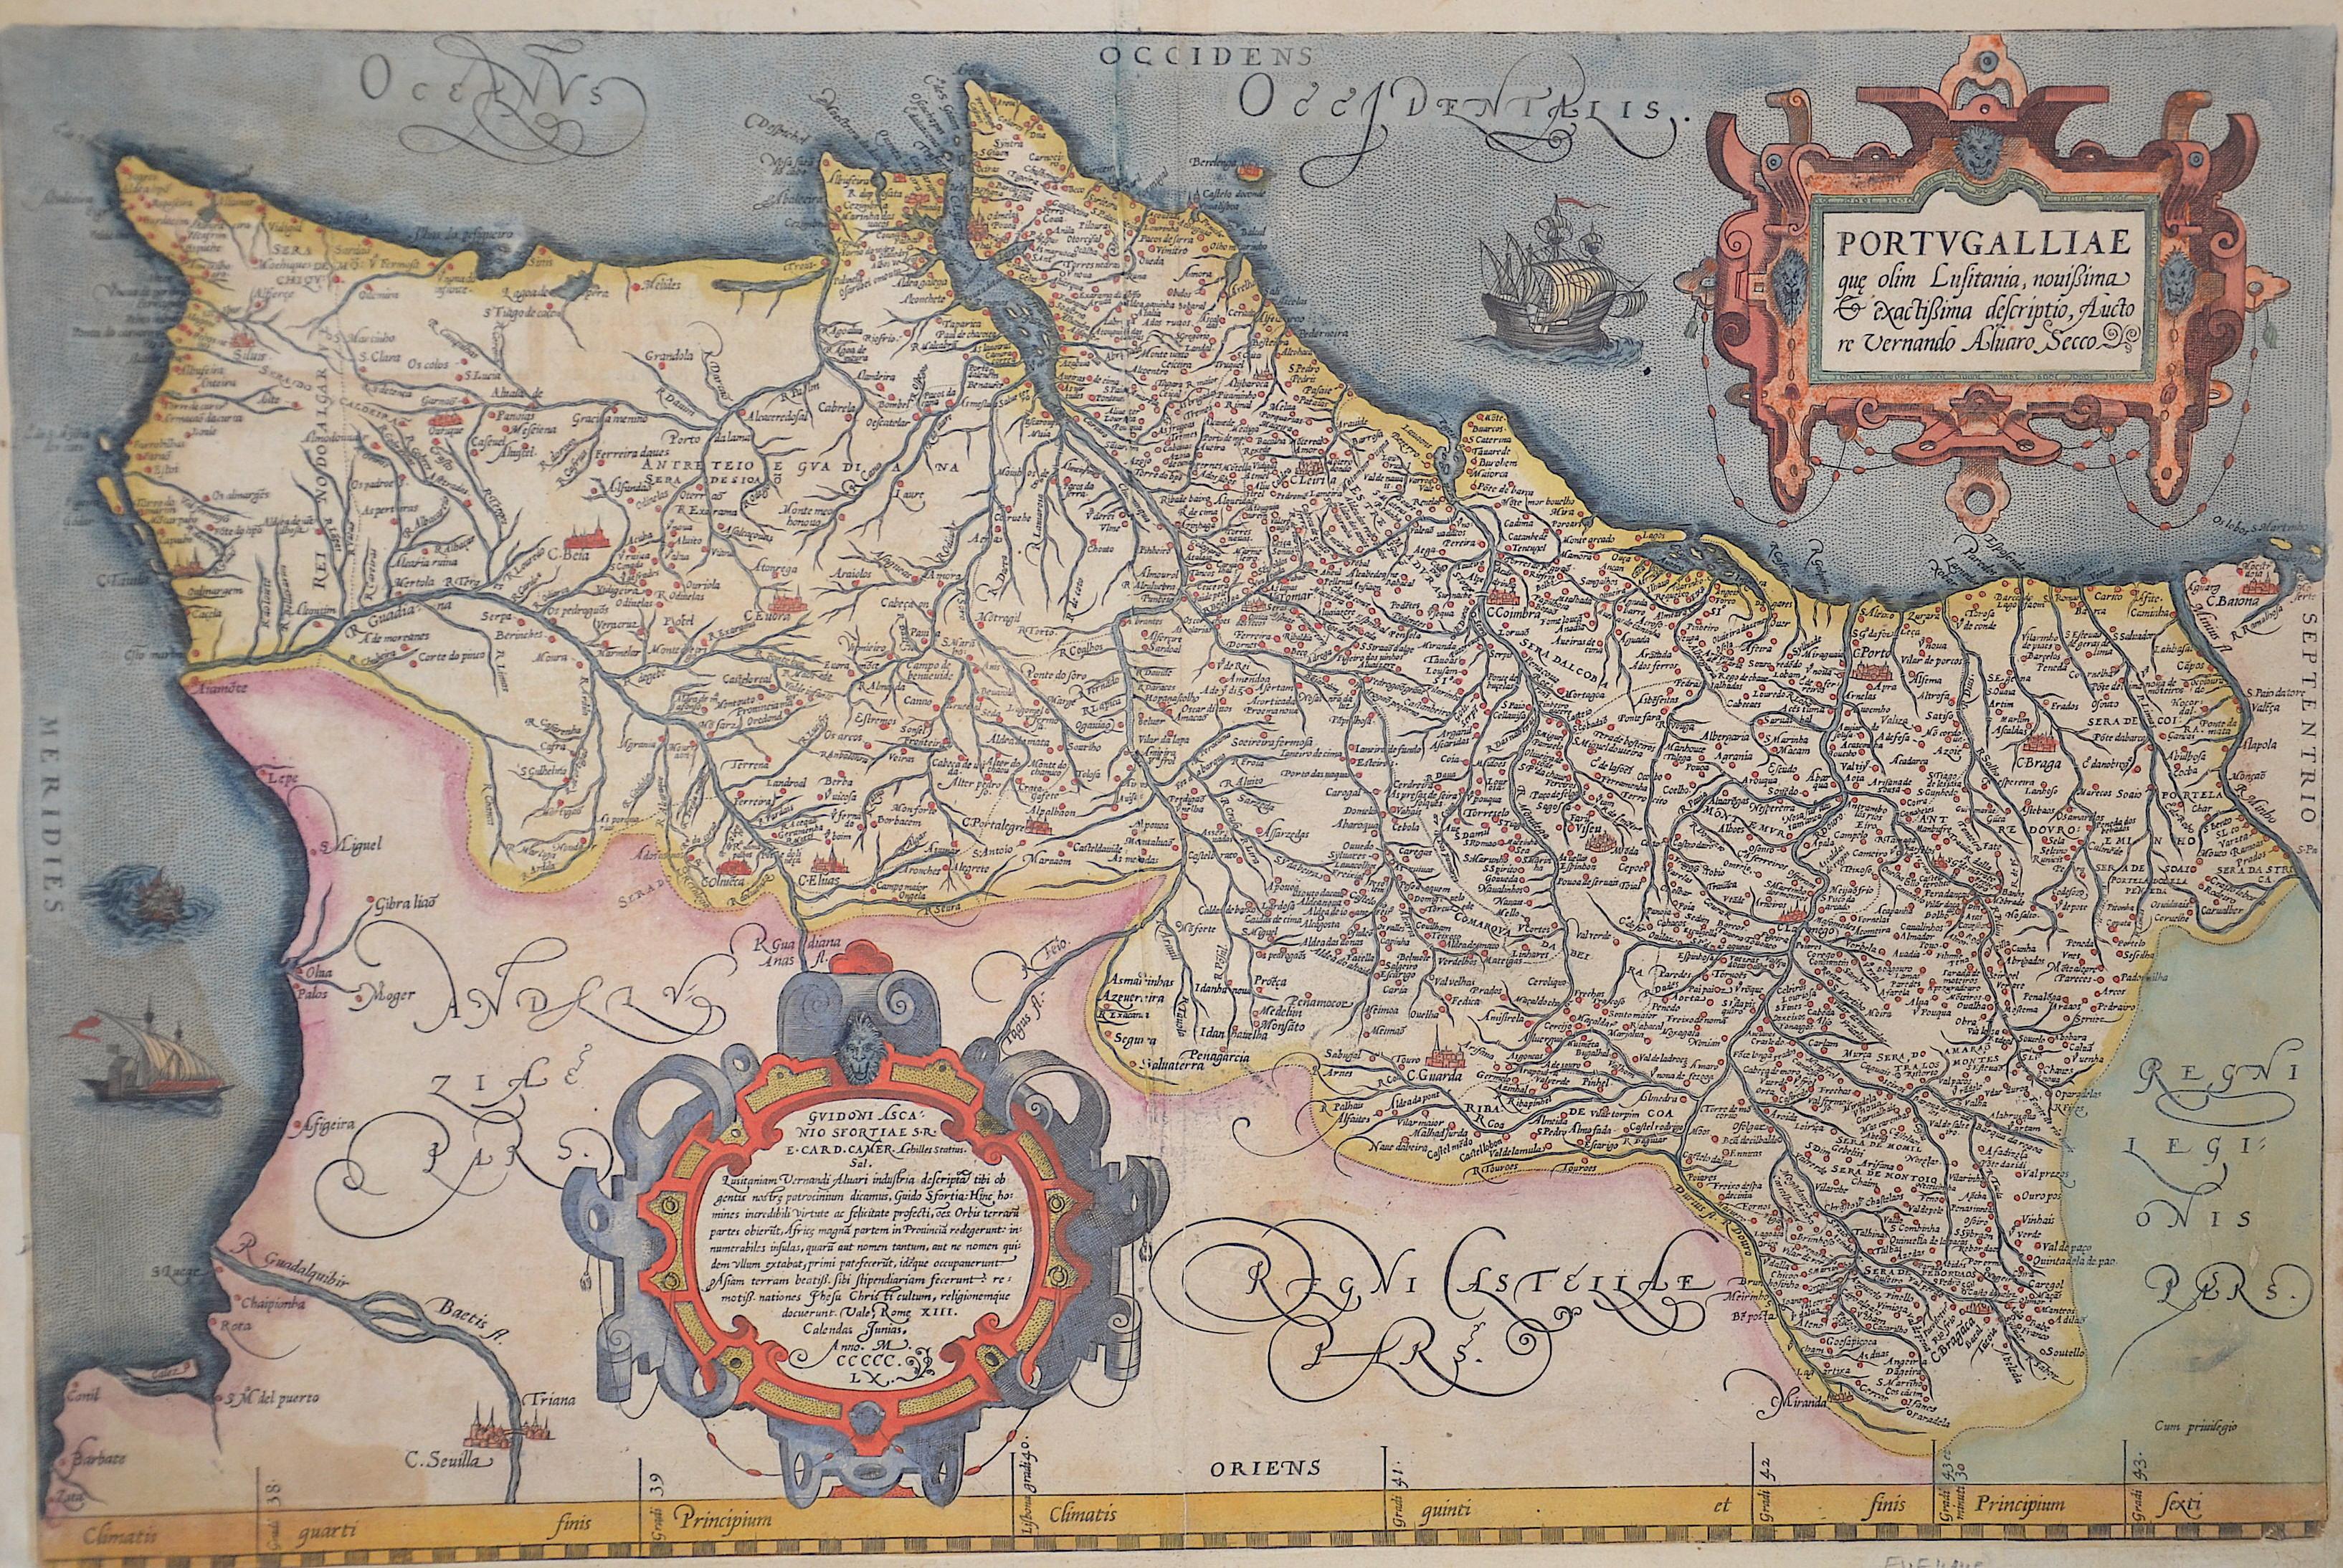 Ortelius Abraham Portugalliae que olim Luisitania, nouißima exactißima descriptio,  Auctore Vernando Aluaro Secco.